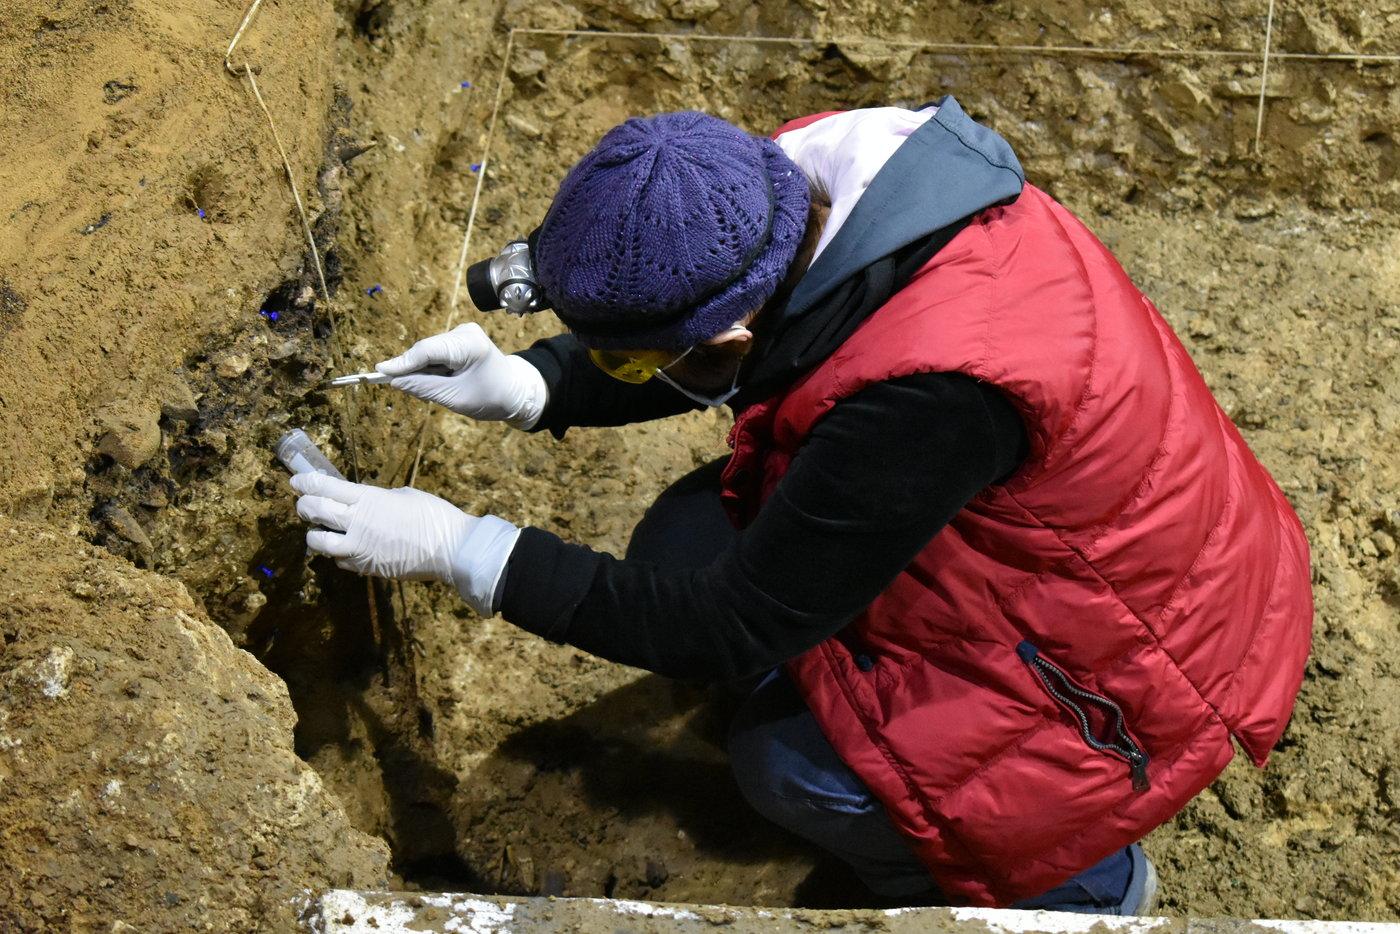 Eine der Grabungsleiterinnen, Tsenka Tsanova aus der Abteilung für Humanevolution am MPI-EVA, entnimmt Sedimentproben für die DNA-Analyse. Foto: © Nikolay Zahariev, Lizenz: CC-BY-SA 2.0